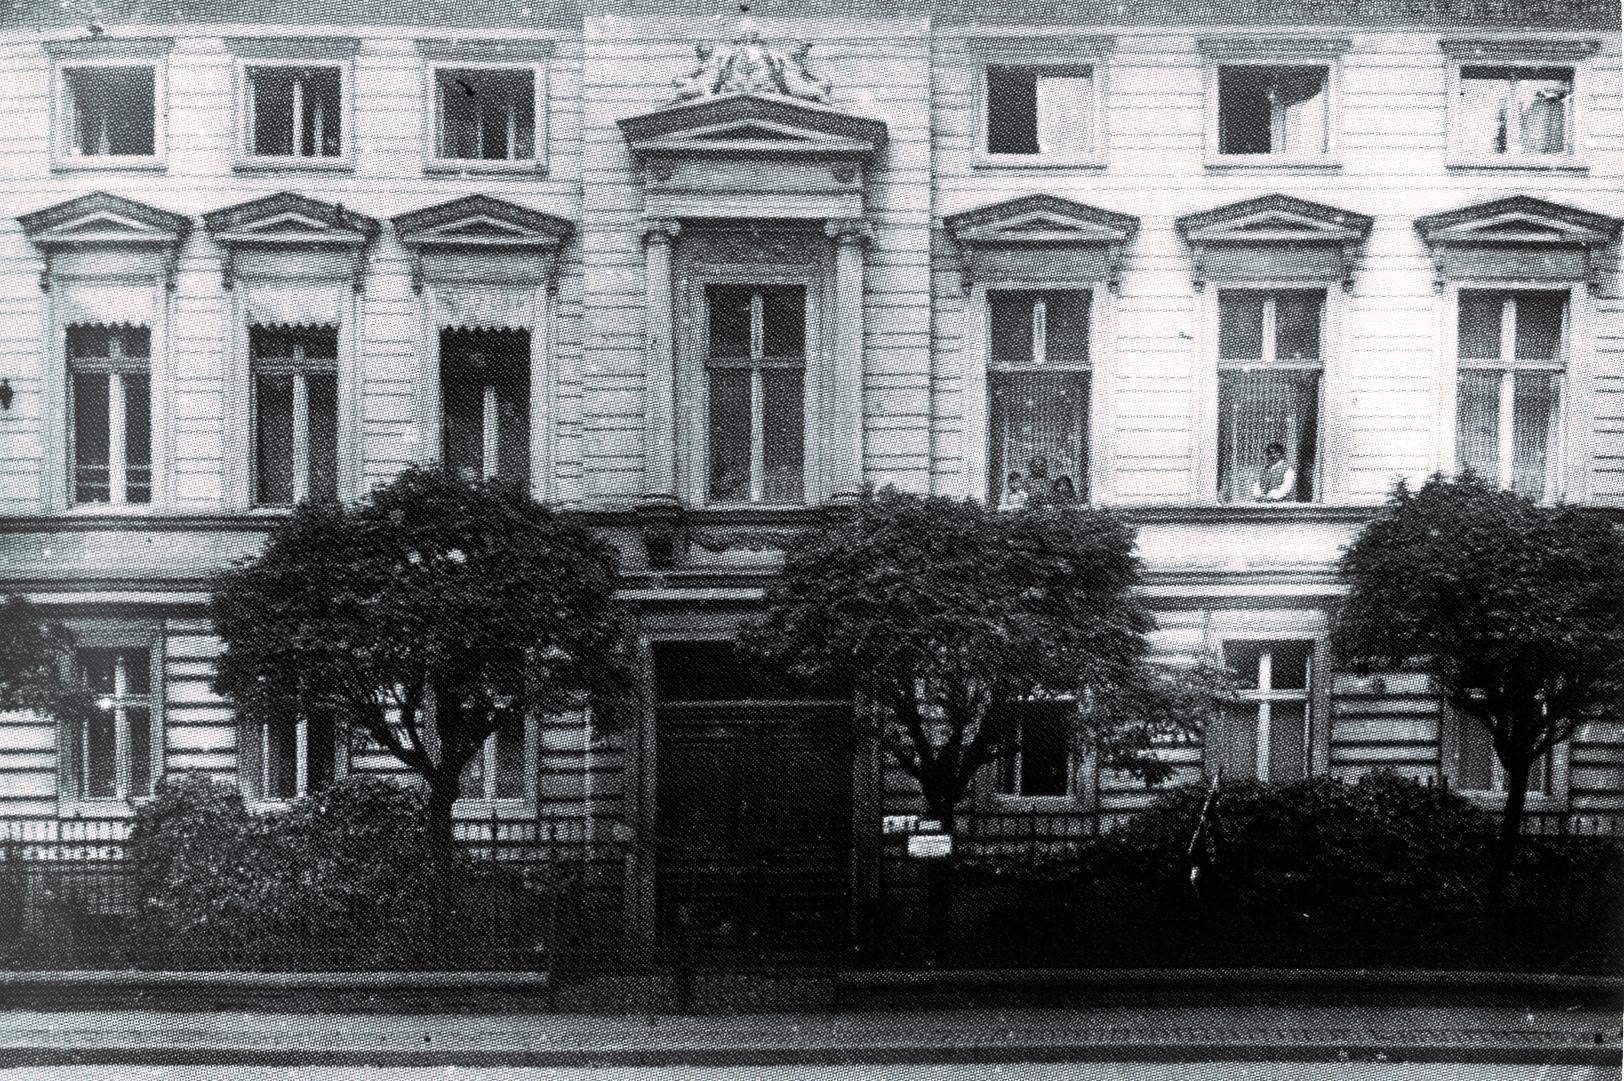 Kamienica przy Michaelisstrase 38 podkoniec lat 20. XX wieku. Woknach rodzina Bibersteinów, odprawej: Erna (siostra Edyty), następnie Dorothea (teściowa Erny), Suzanne iErnst Ludwig (dzieci Erny).